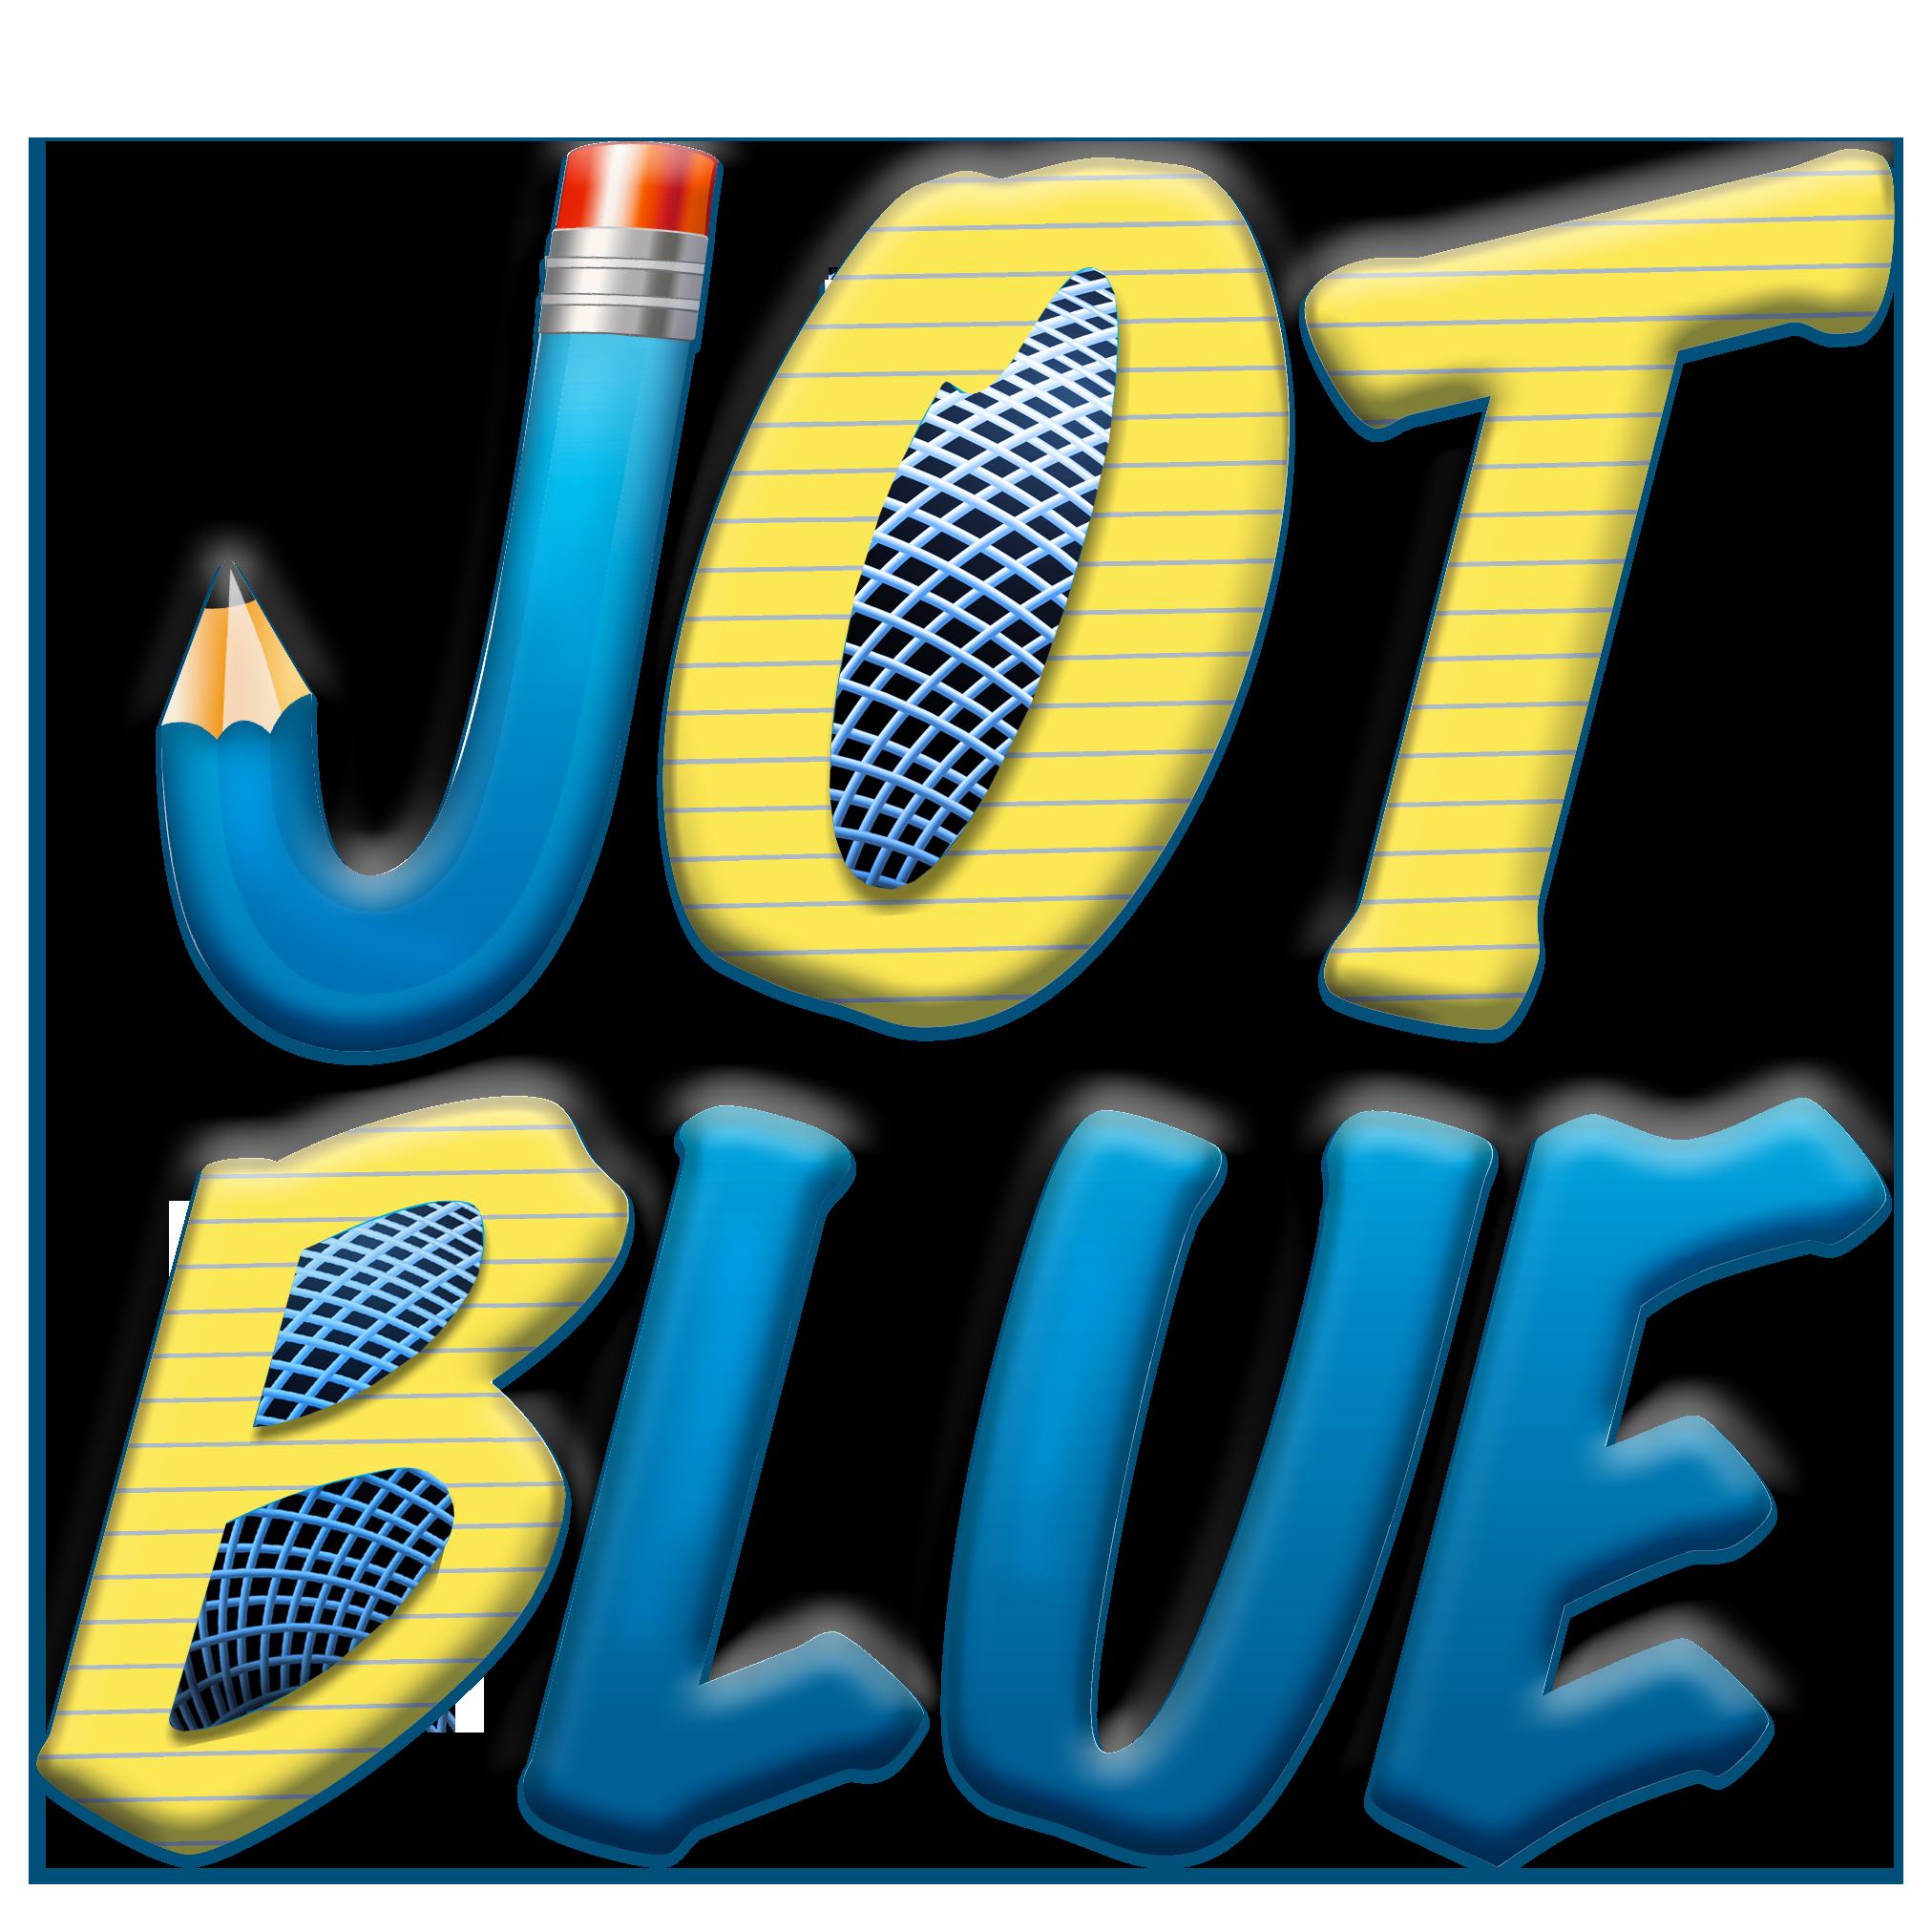 Jotblue